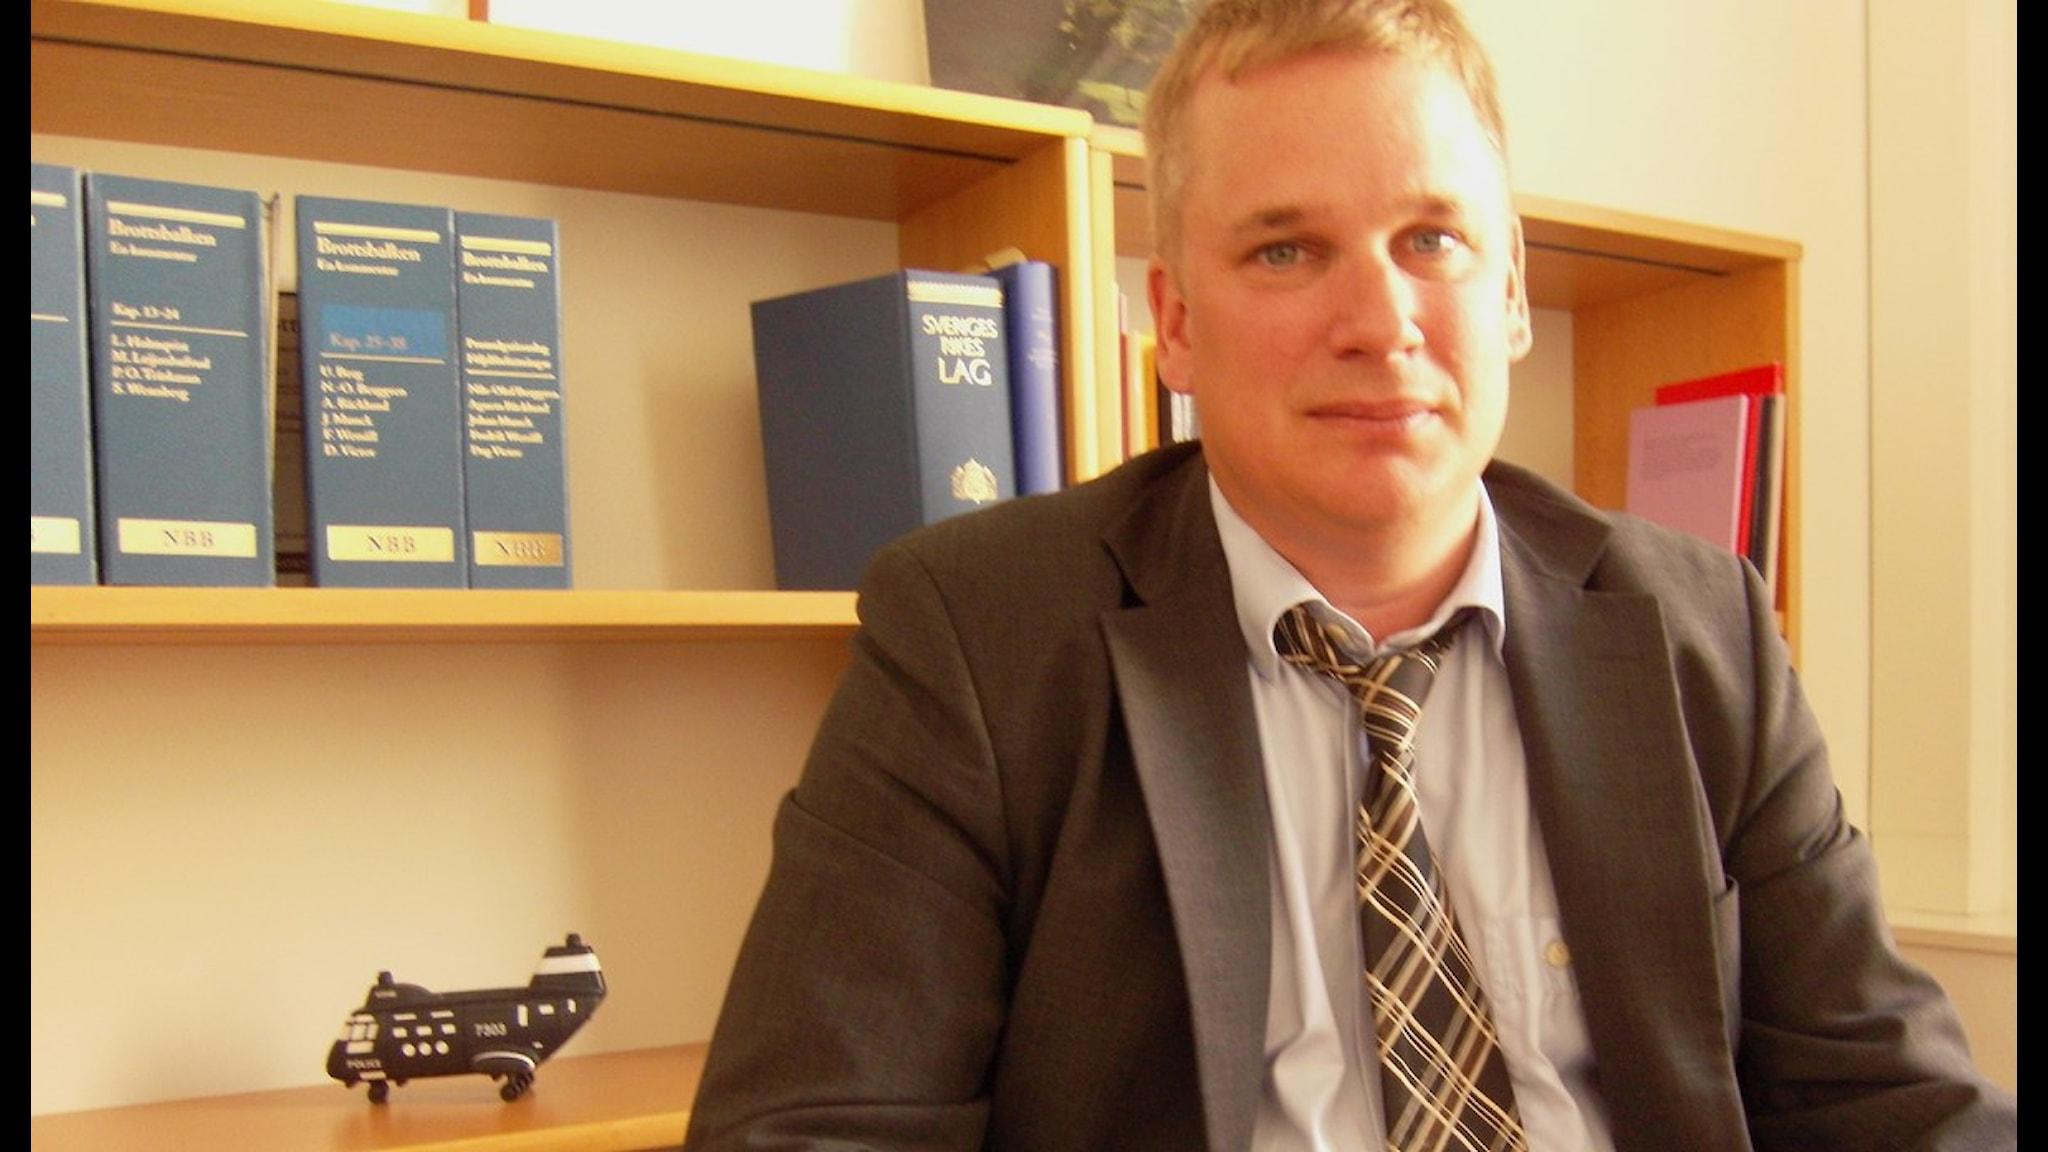 Kanslirådet Mattias Larsson är en av författarna till lagboken. Foto Sukran Kavak